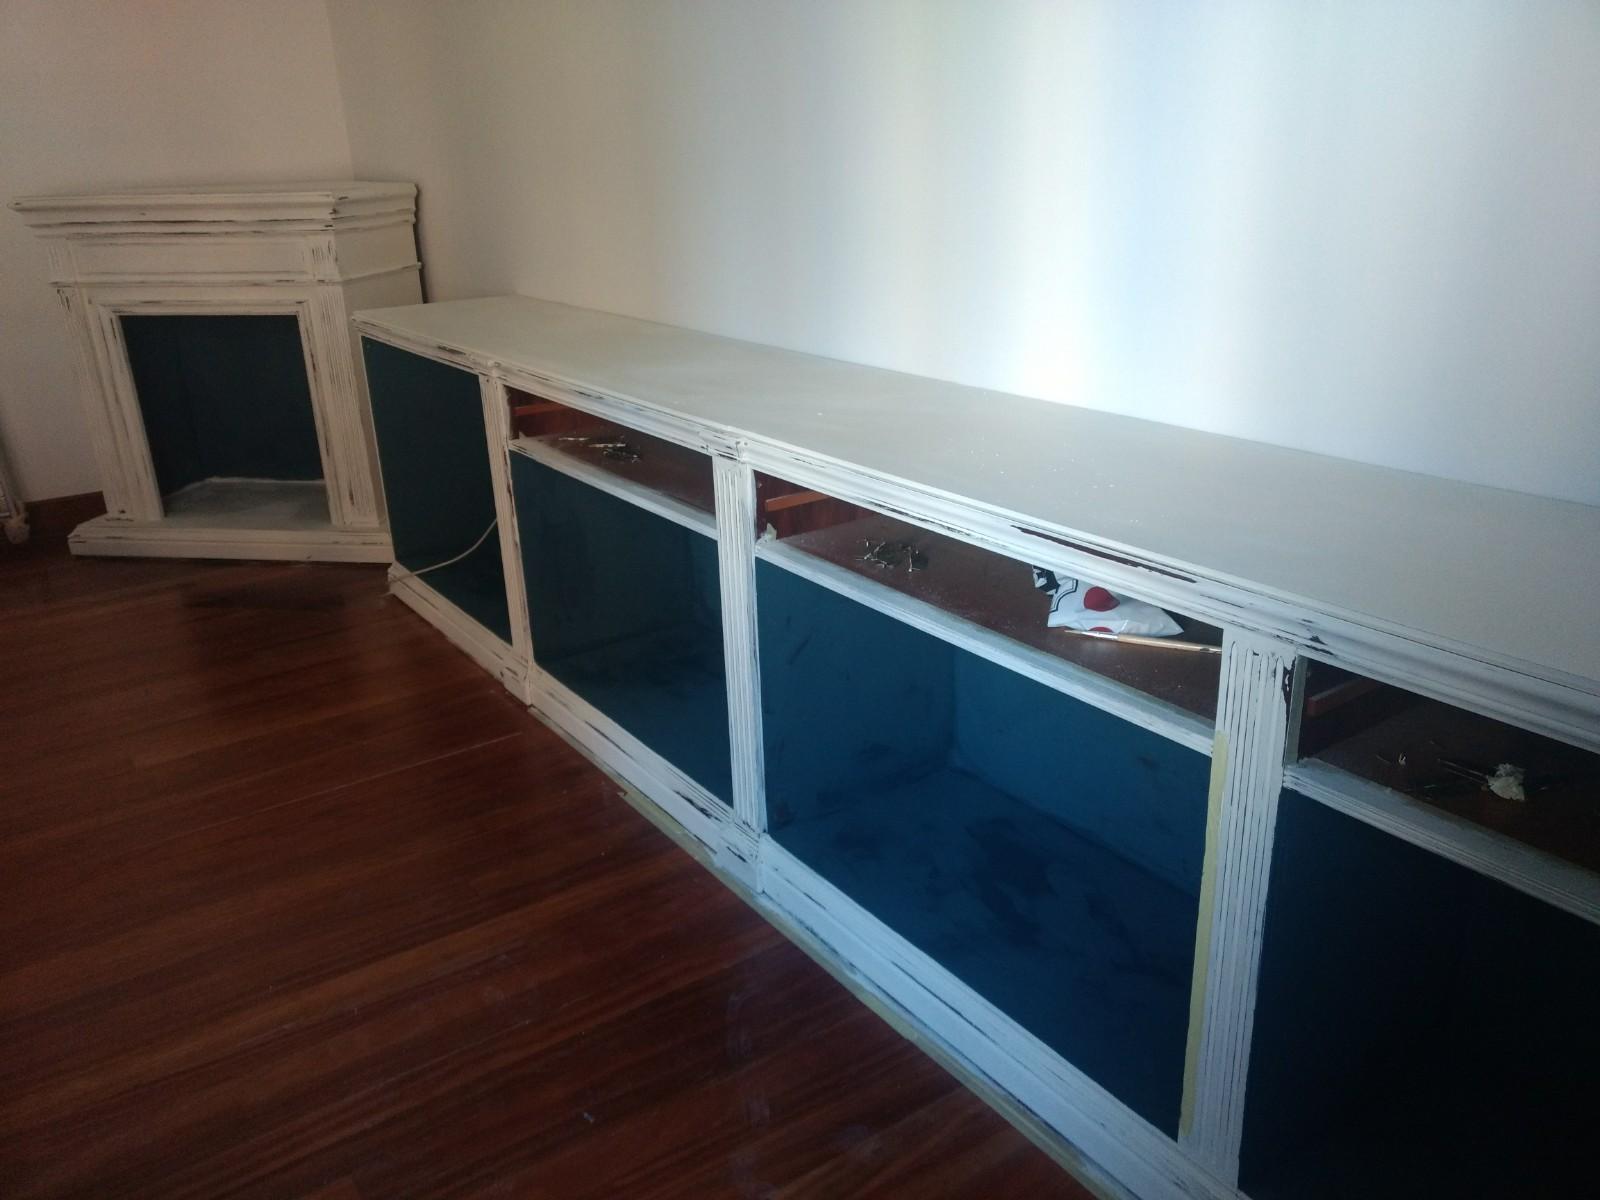 Para darle profundidad y un poco de color al mueble, las partes interiores se realizaron en Aubusson Blue, un azul verdoso especial - TRATE Tienda Taller